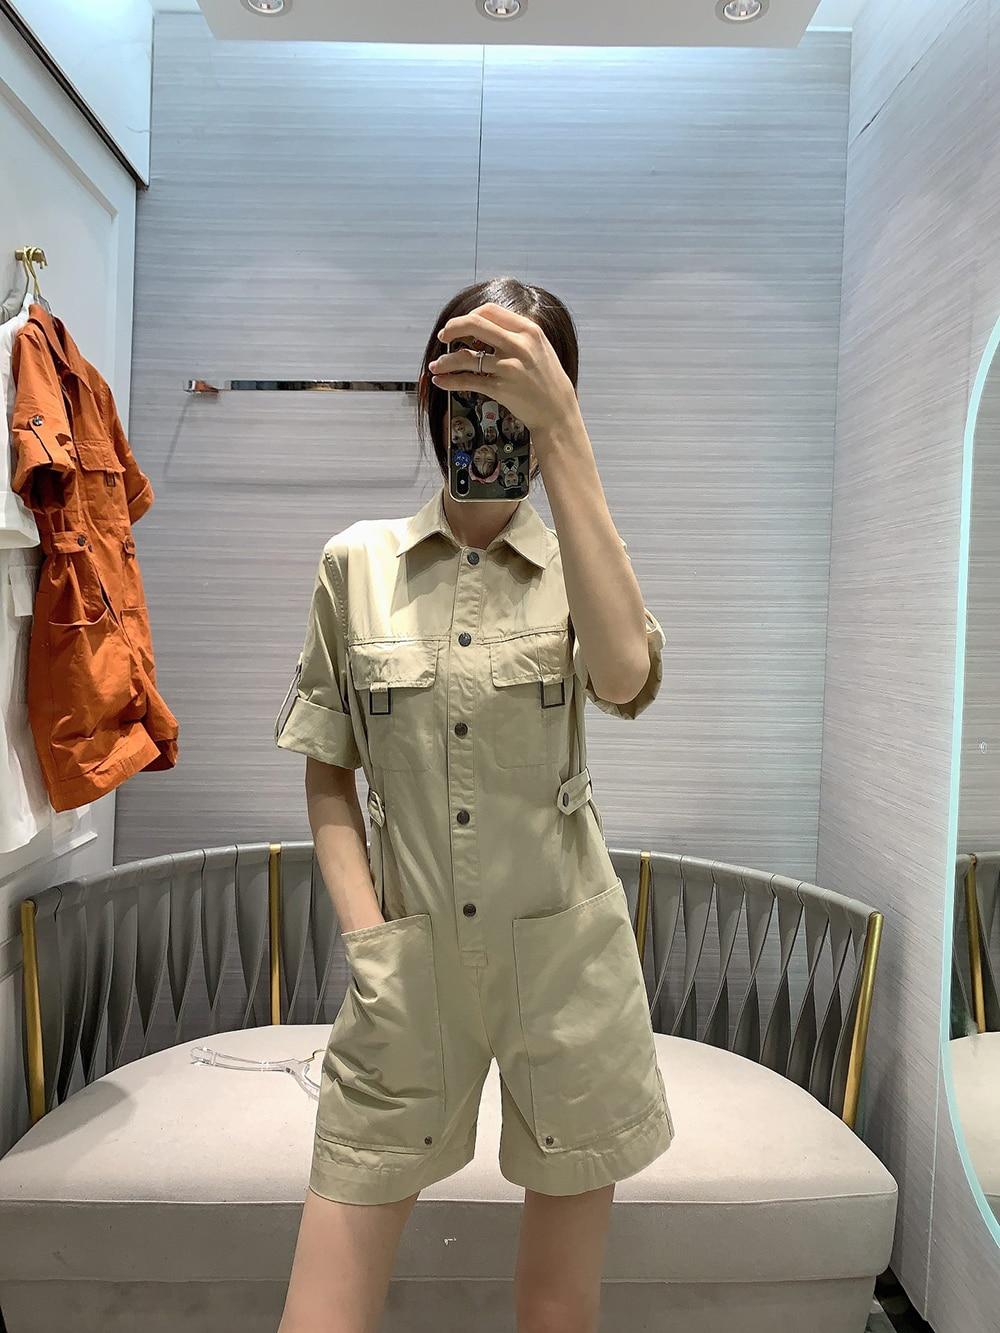 2020 летний женский подиумный комбинезон высокого качества, новый красивый комбинезон с короткими рукавами